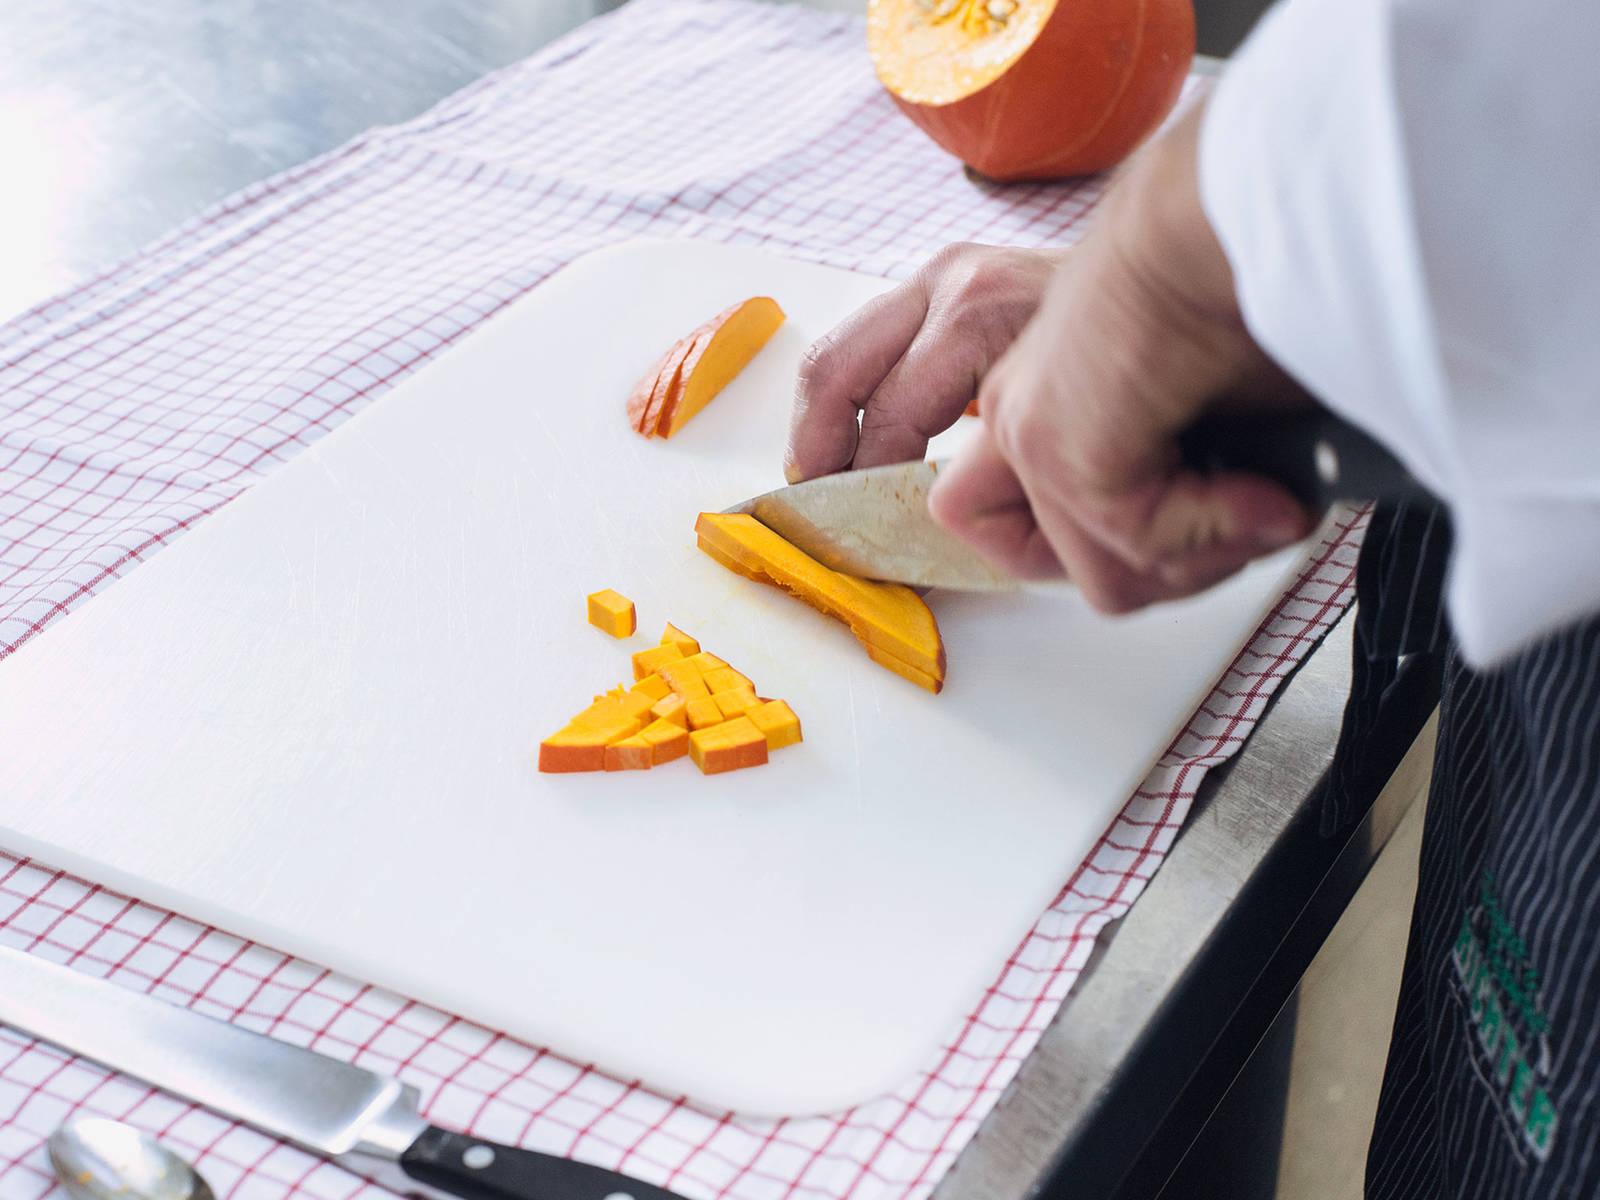 南瓜去籽切块。大锅煮沸水,土豆和南瓜焯水3-5分钟后滤干,置于一旁。保留少许煮过土豆和南瓜的水。